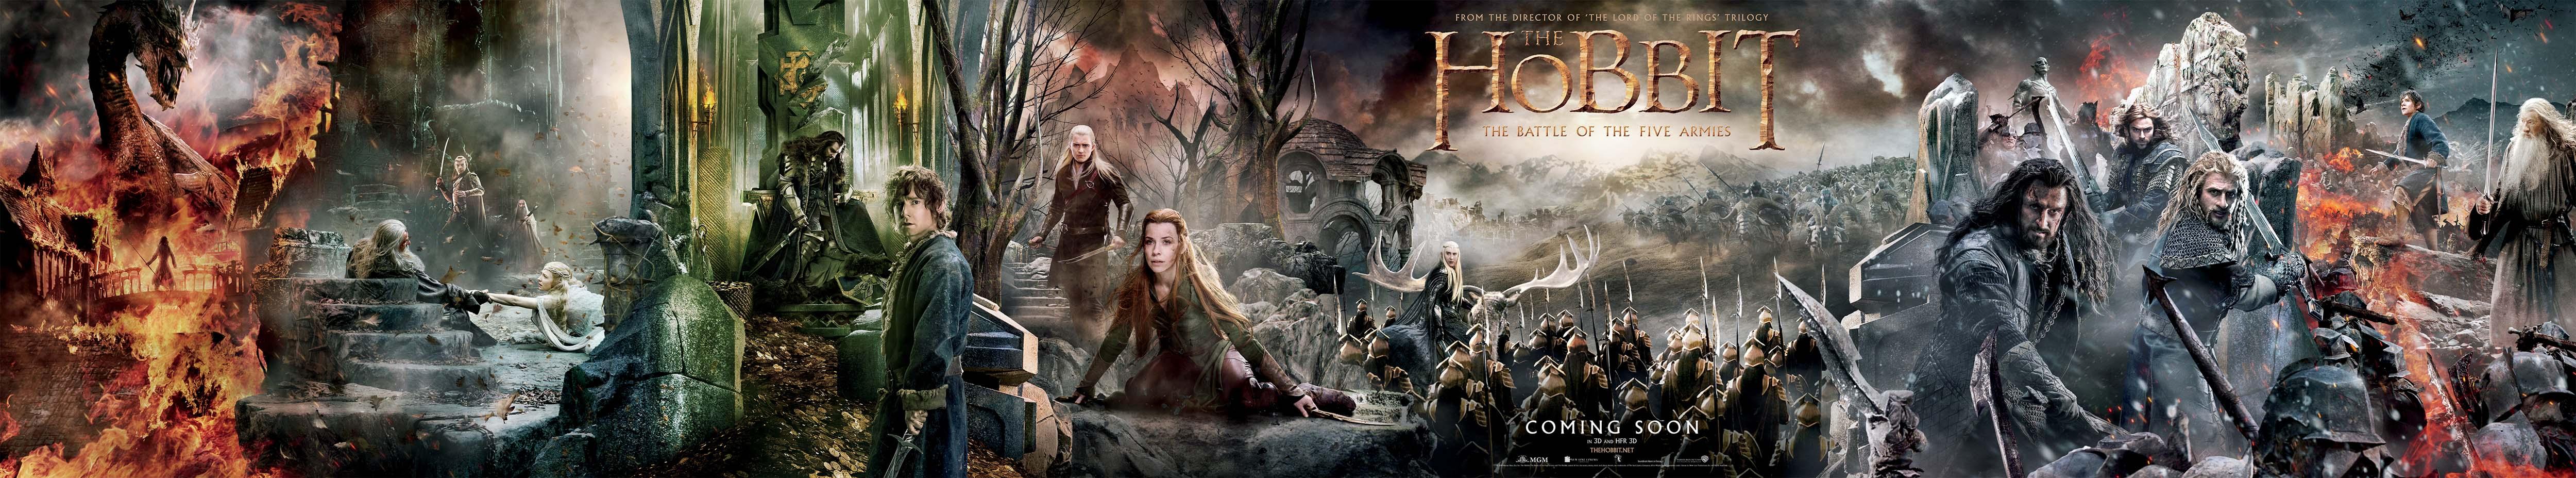 der-hobbit-die-schlacht-der-fuenf-heere-3d-widescreen-poster-collage